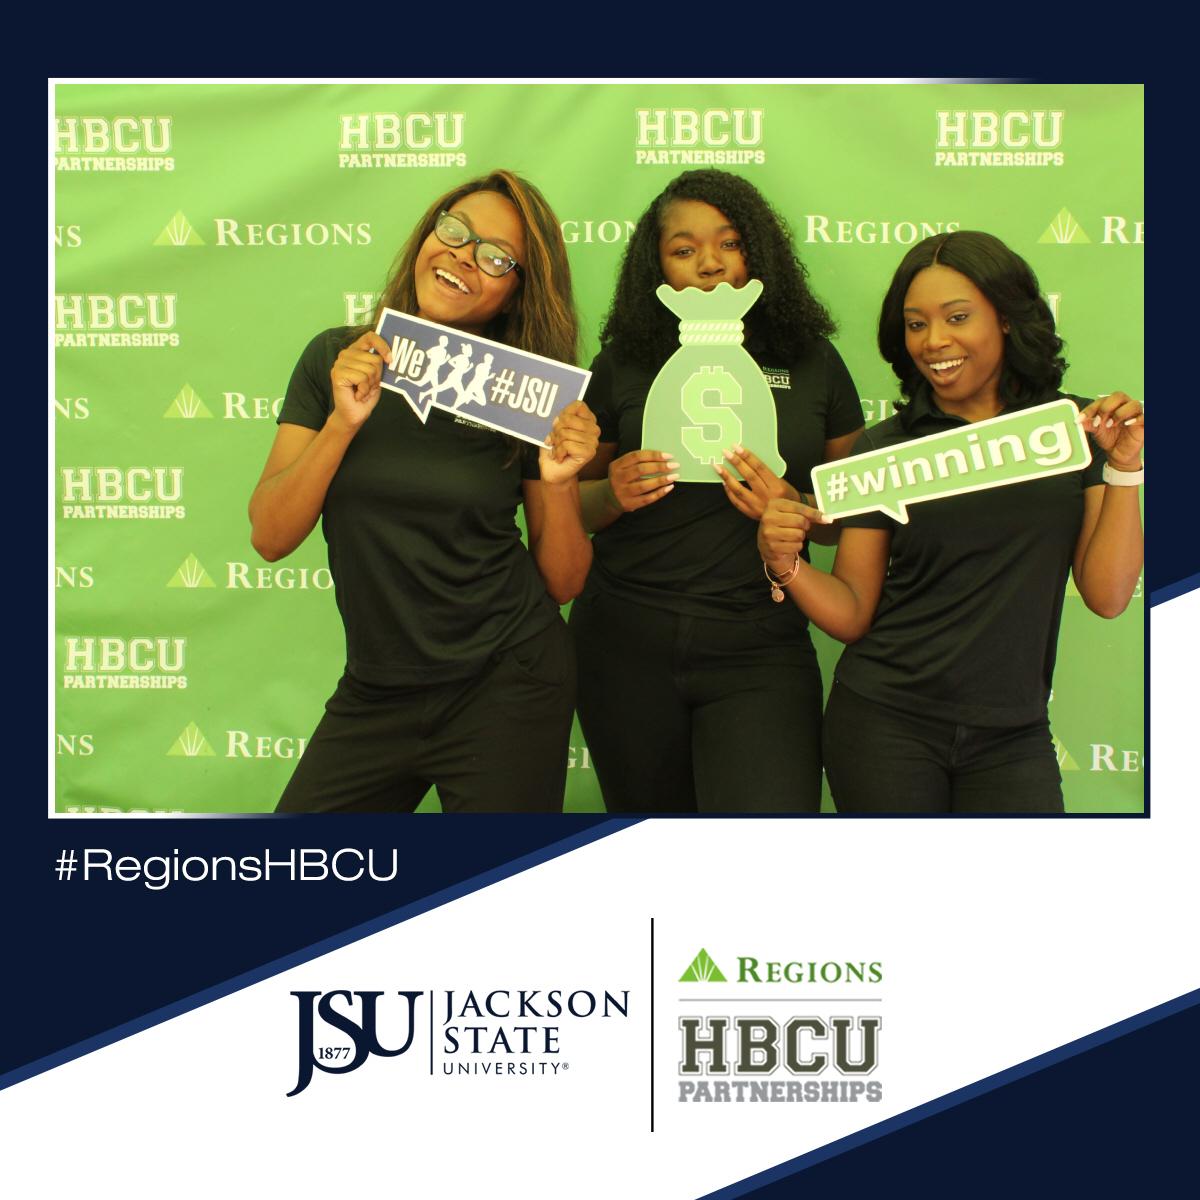 Regions HBCU - JSU Single